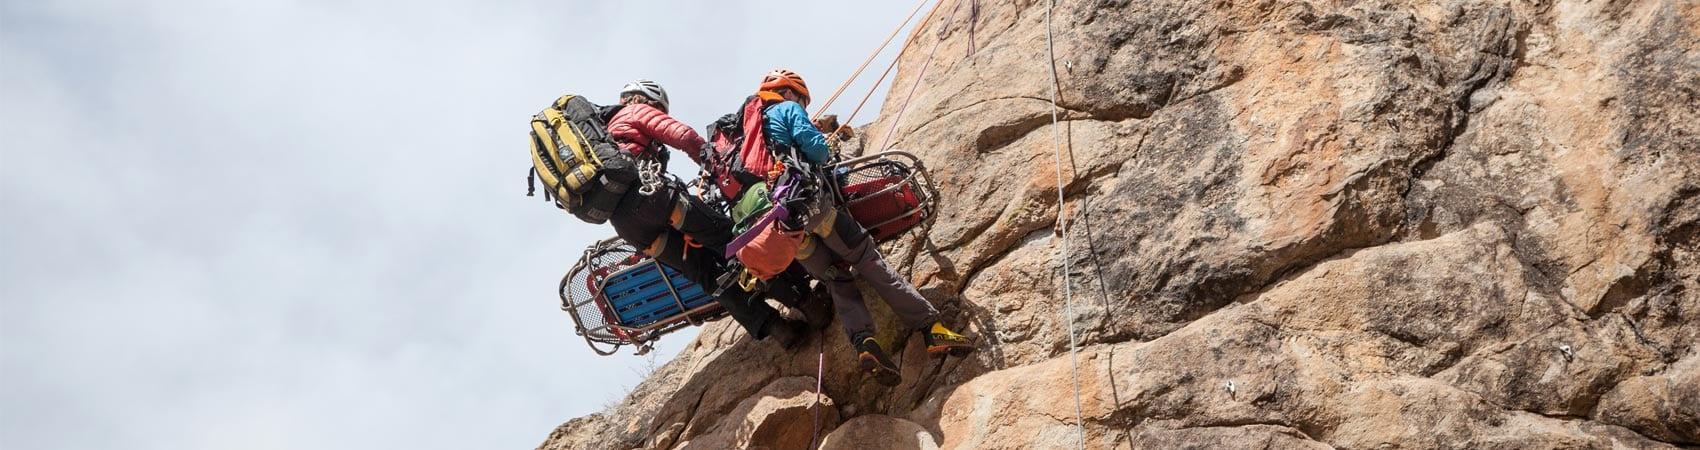 Альпинисты-спасатели спасают пострадавшего в горах